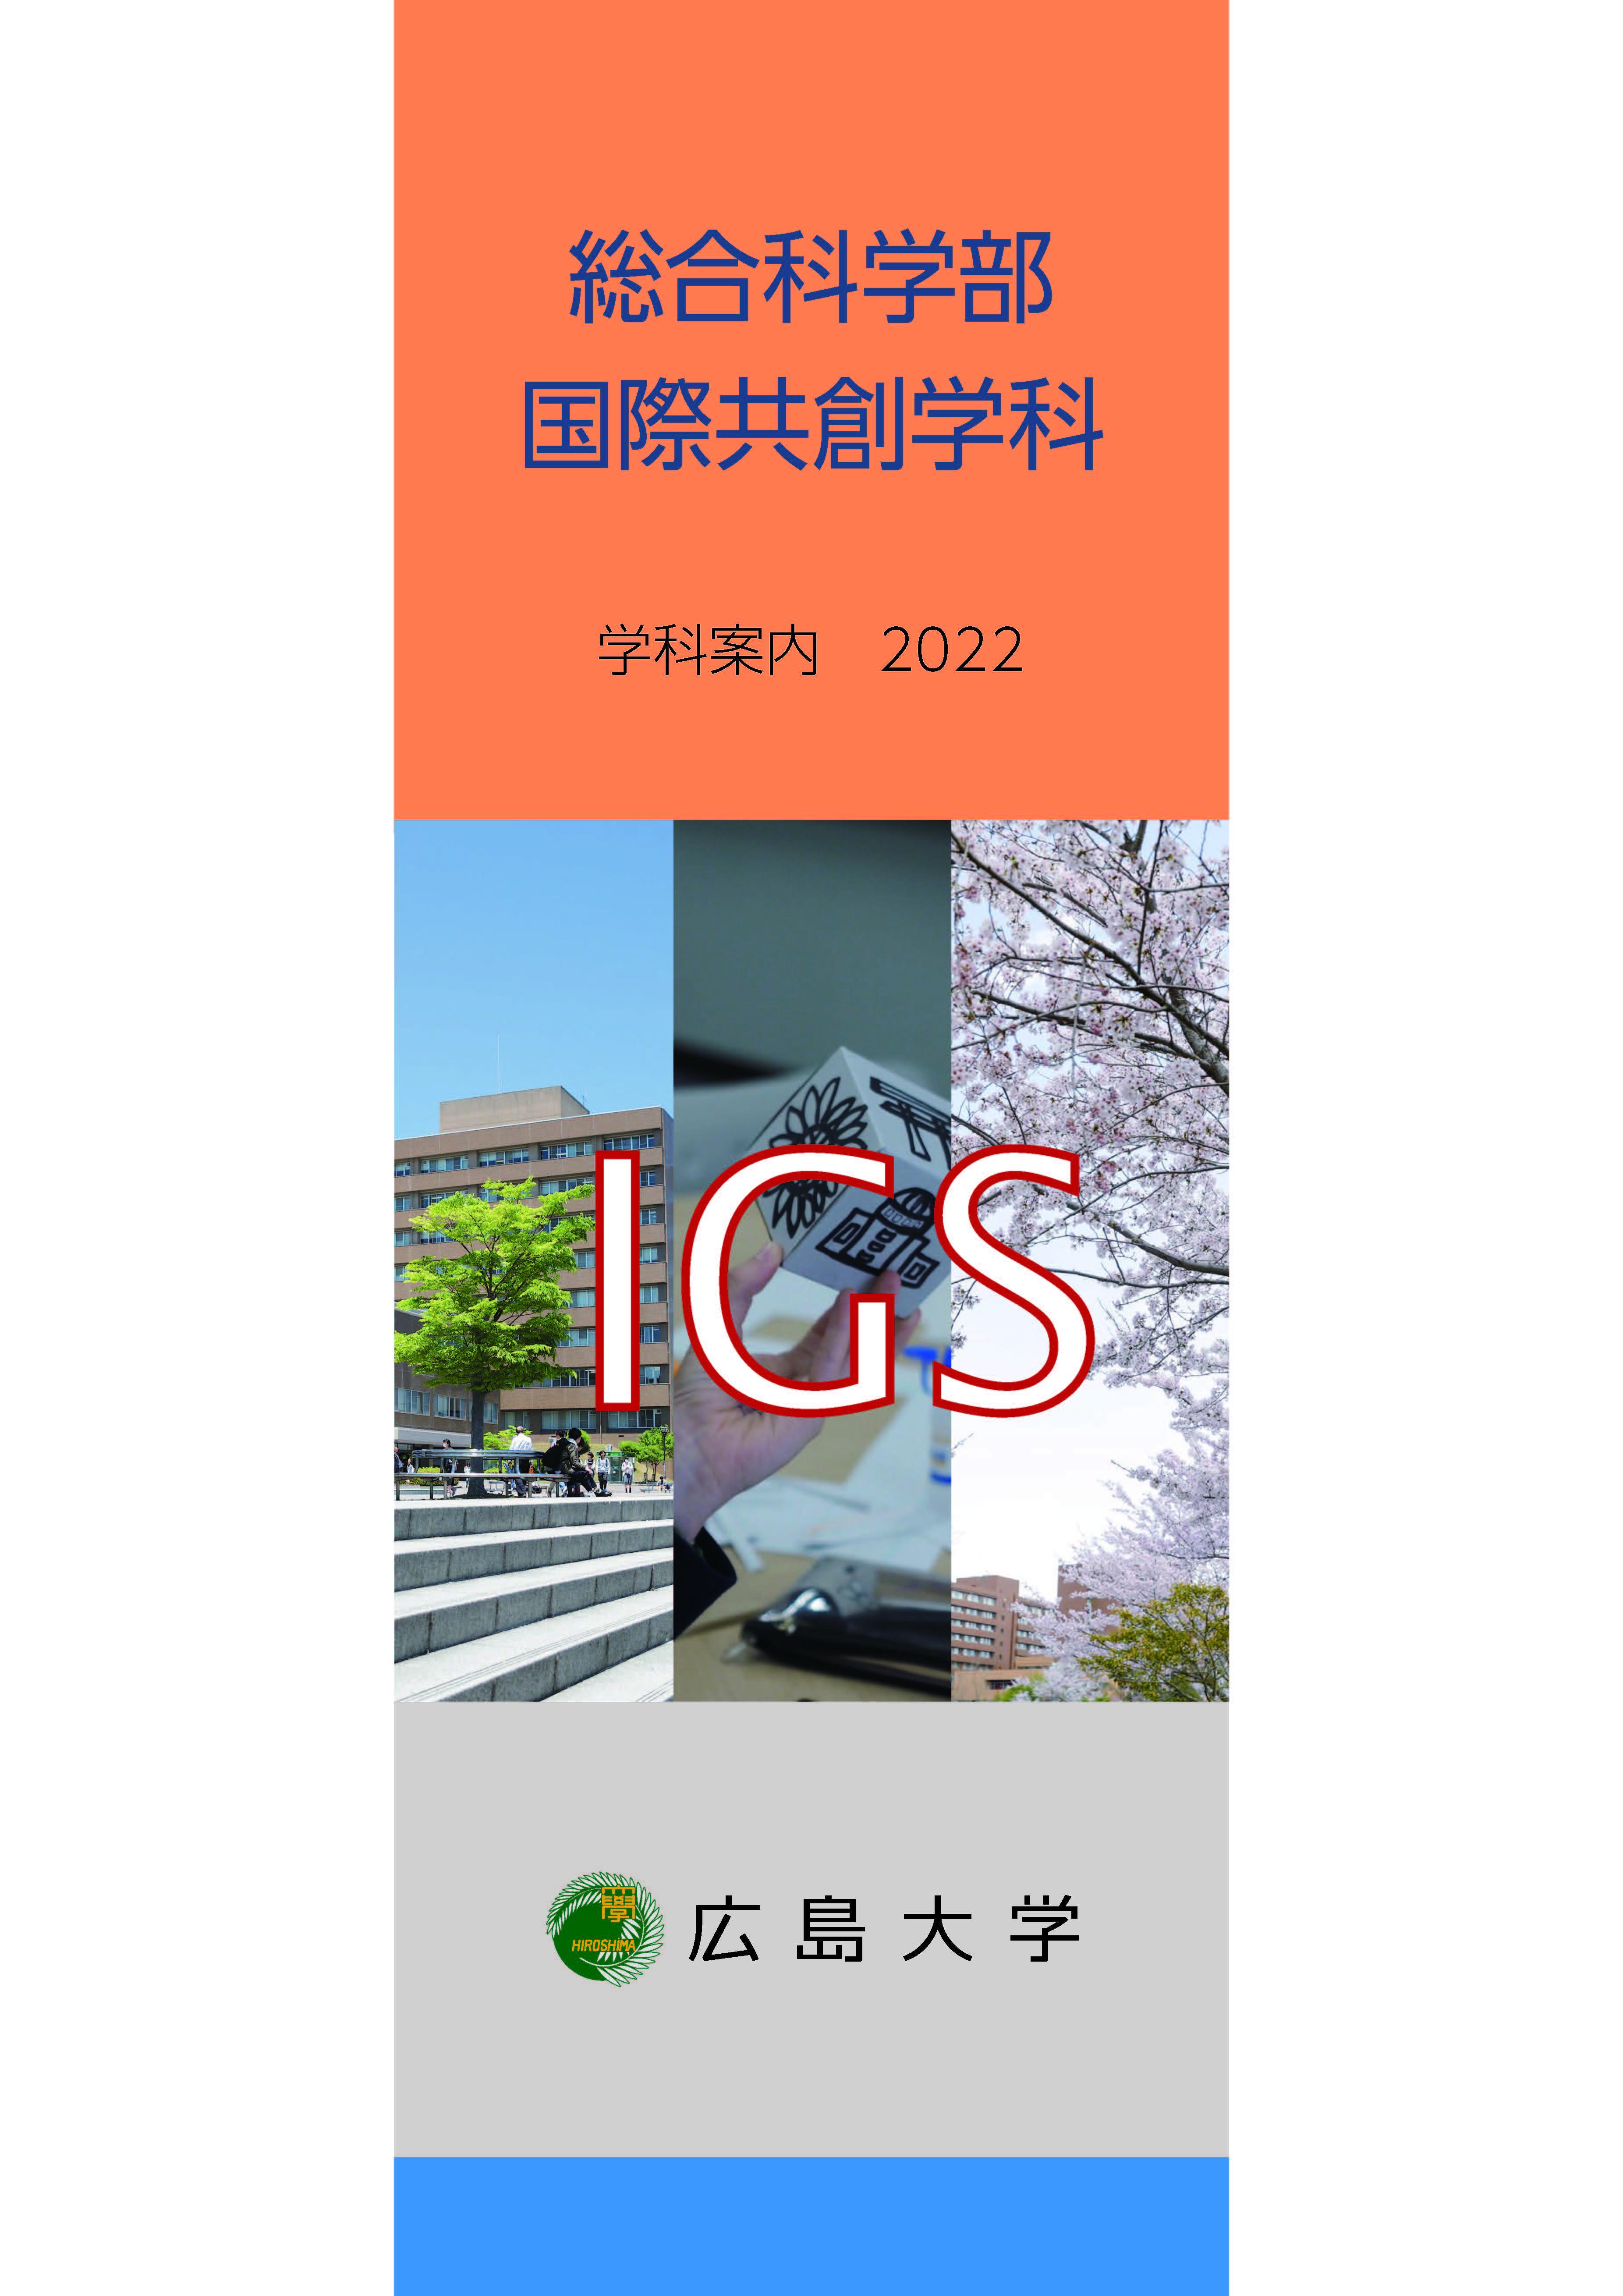 (表紙)「広島大学 総合科学部 国際共創学科 学科案内 2022」(日本語版)